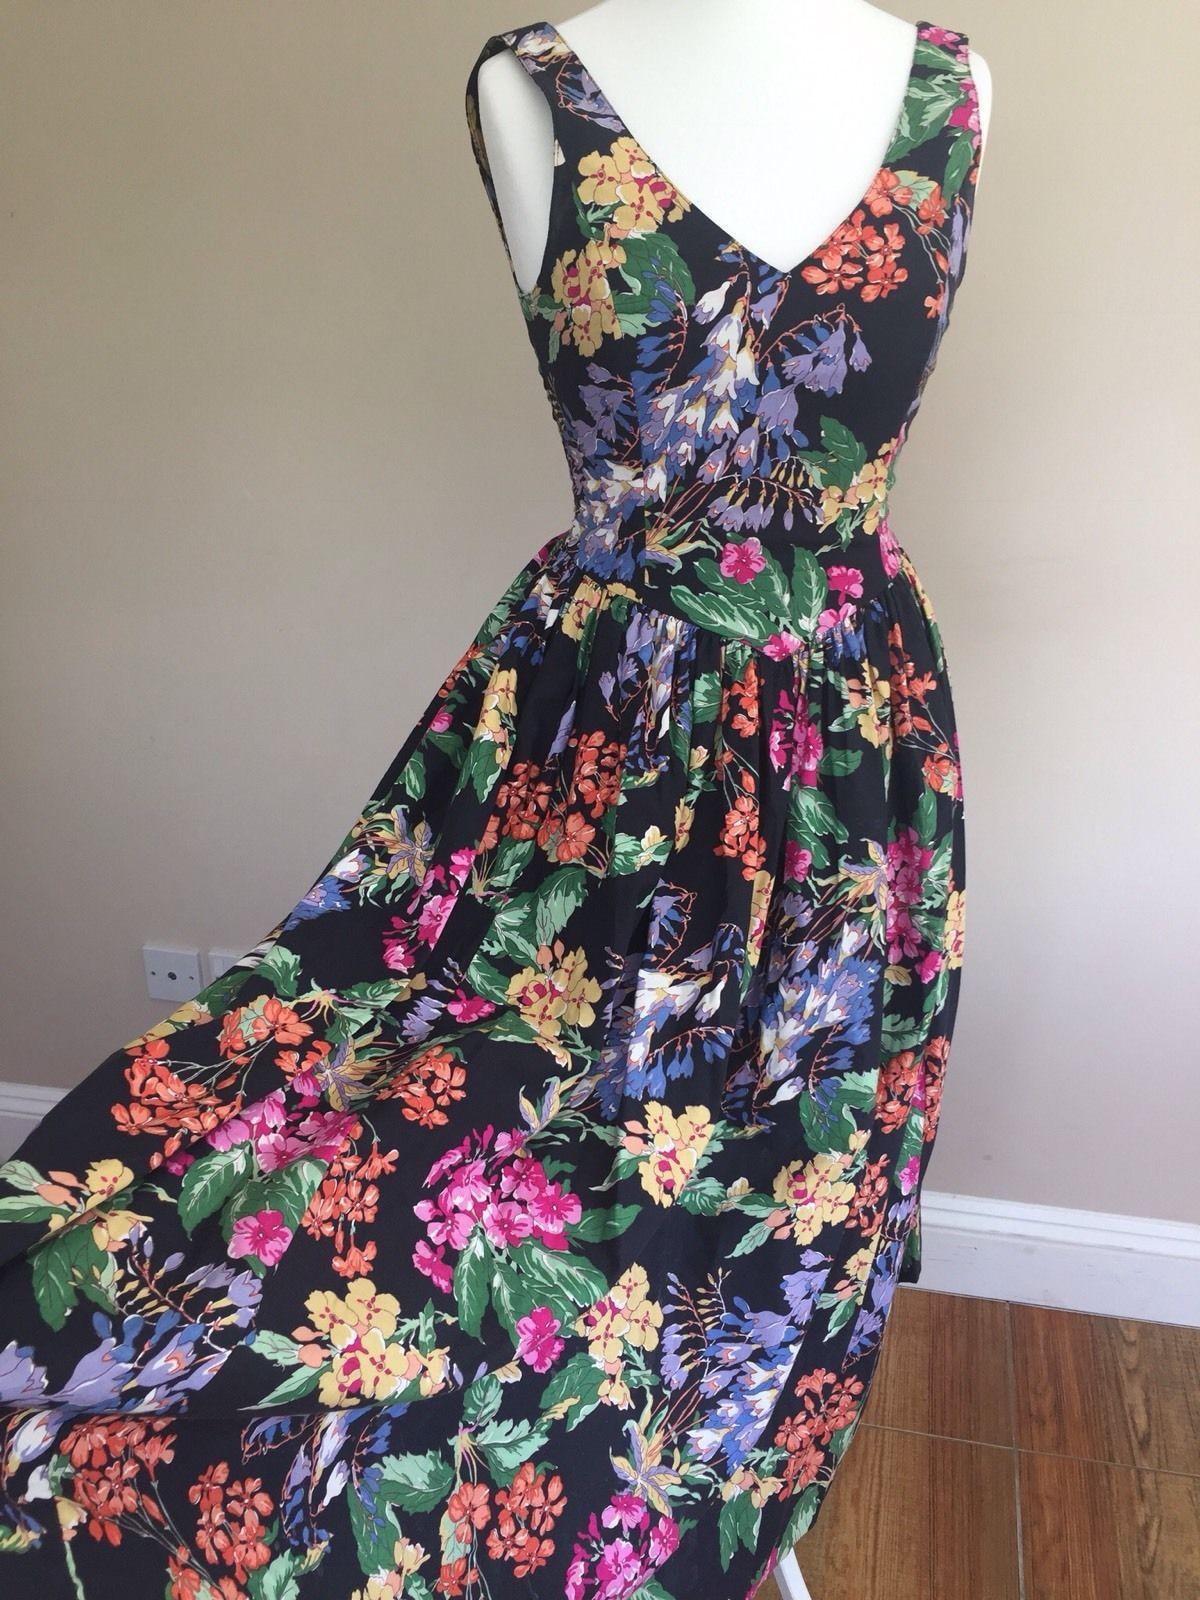 3135a698d07c Vintage 80s LAURA ASHLEY Black Floral Tea Dress 1980s Sun Summer Size 8 10  12 | eBay